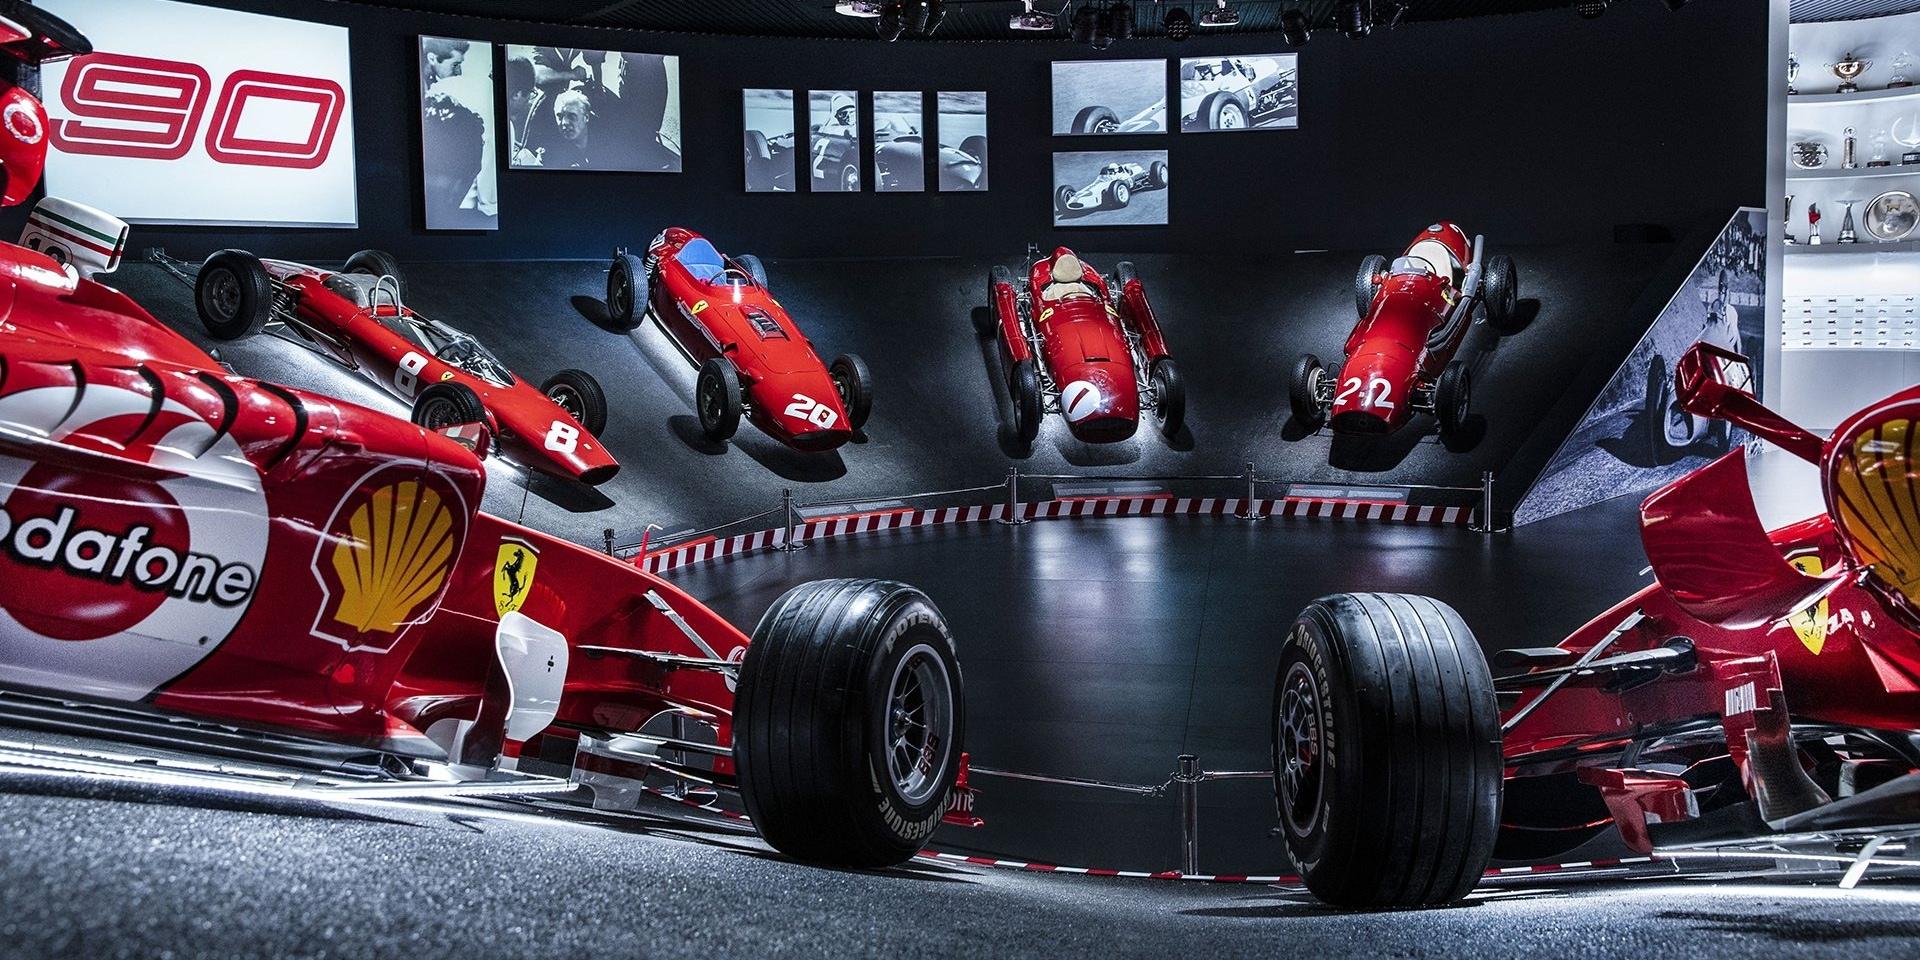 慶祝90年賽事歷史!Ferrari展出眾多經典車款!